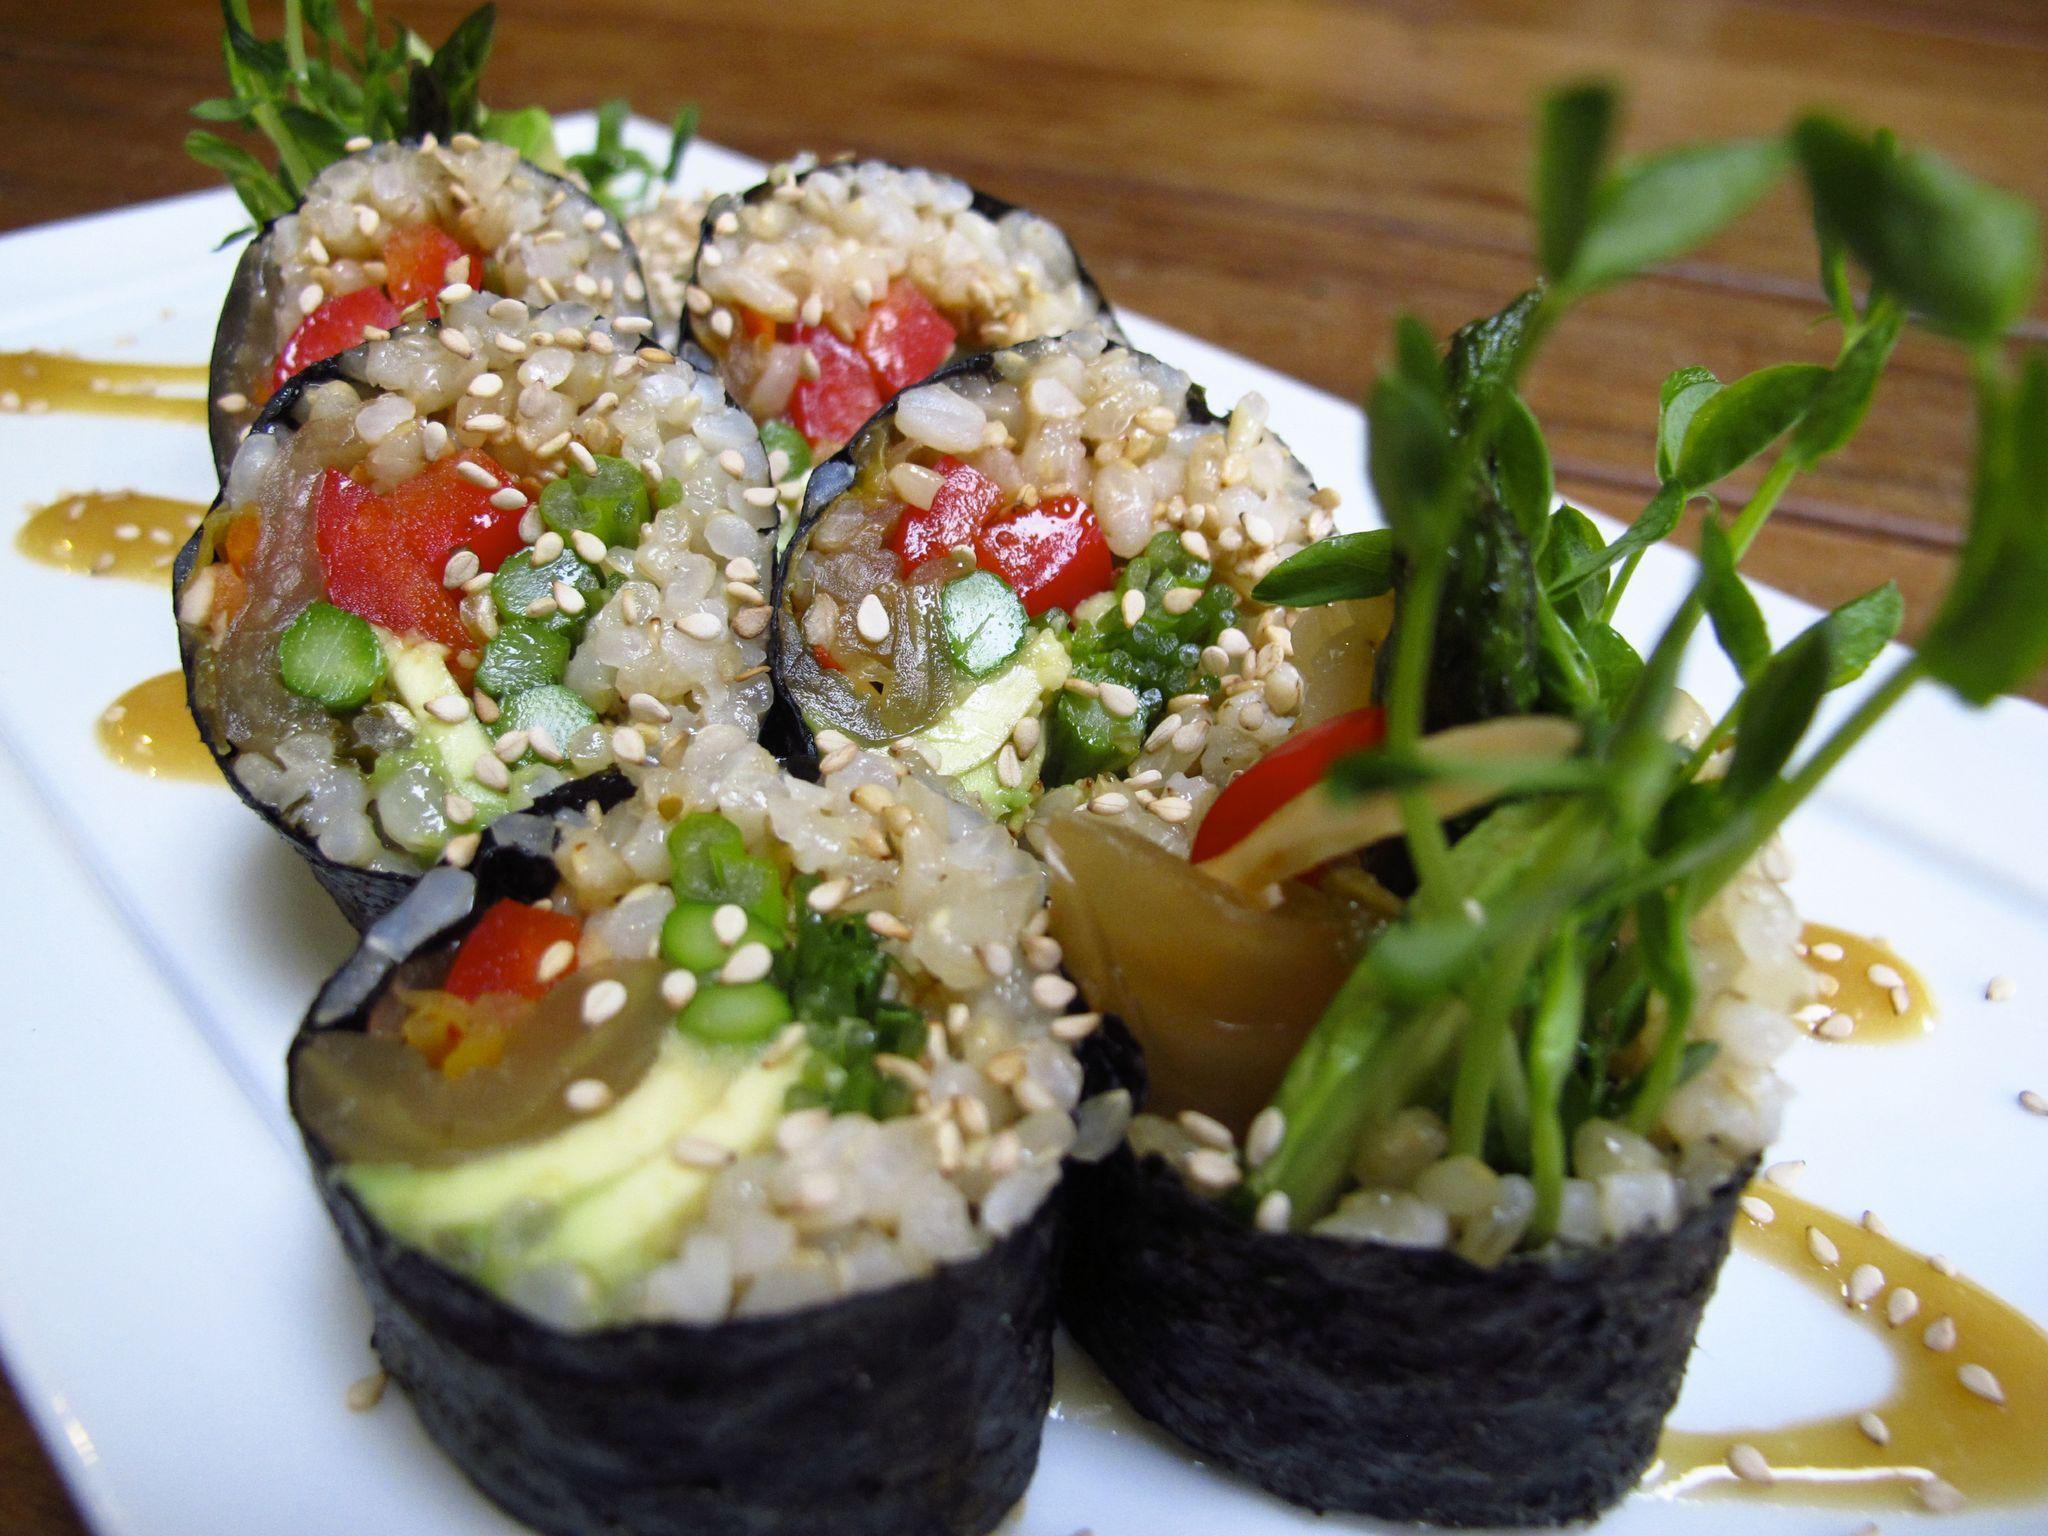 Kimchi Maki Vegan Japanese Food Vegetarian Recipes Healthy Vegan Main Dishes